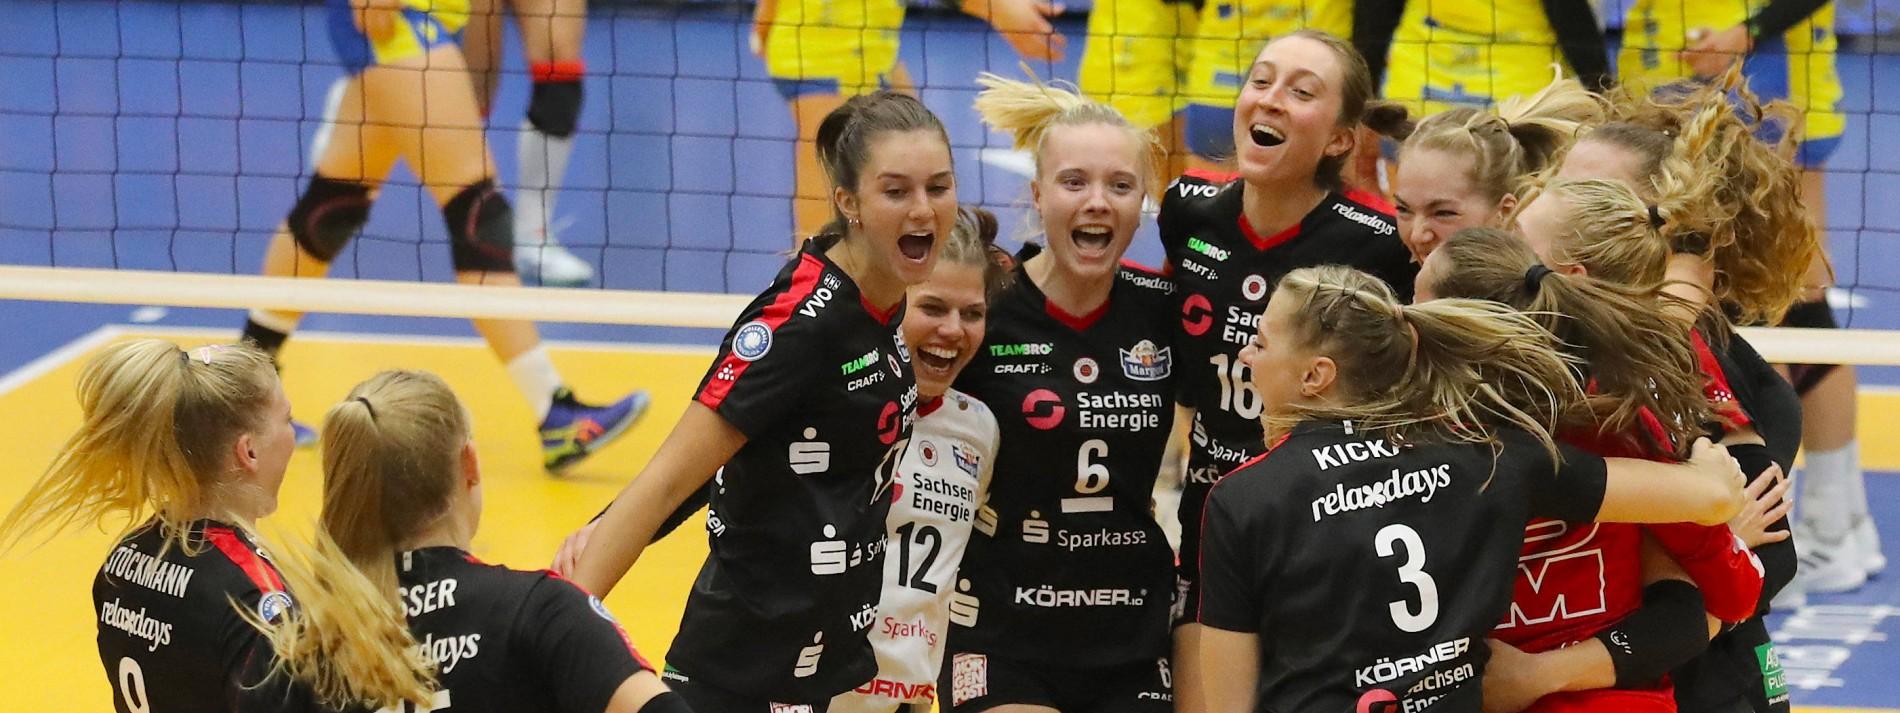 Dresden und Berlin gewinnen erste Titel